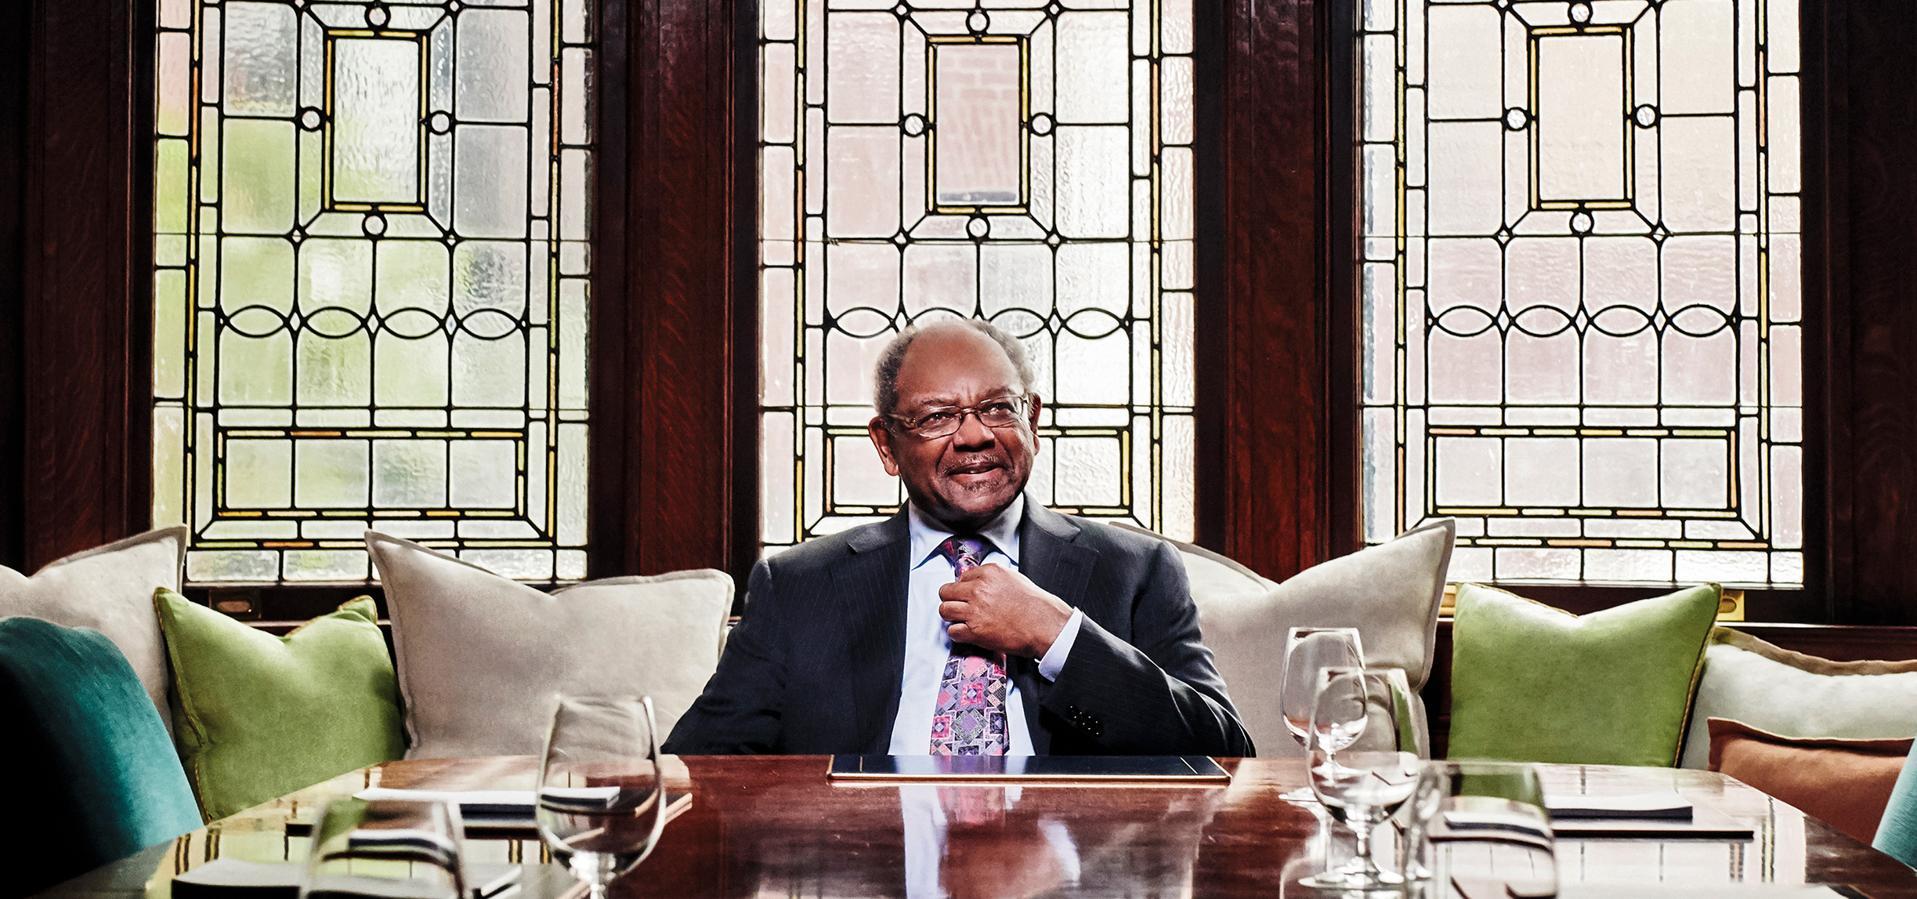 Eddie Brown of Brown Capital Management